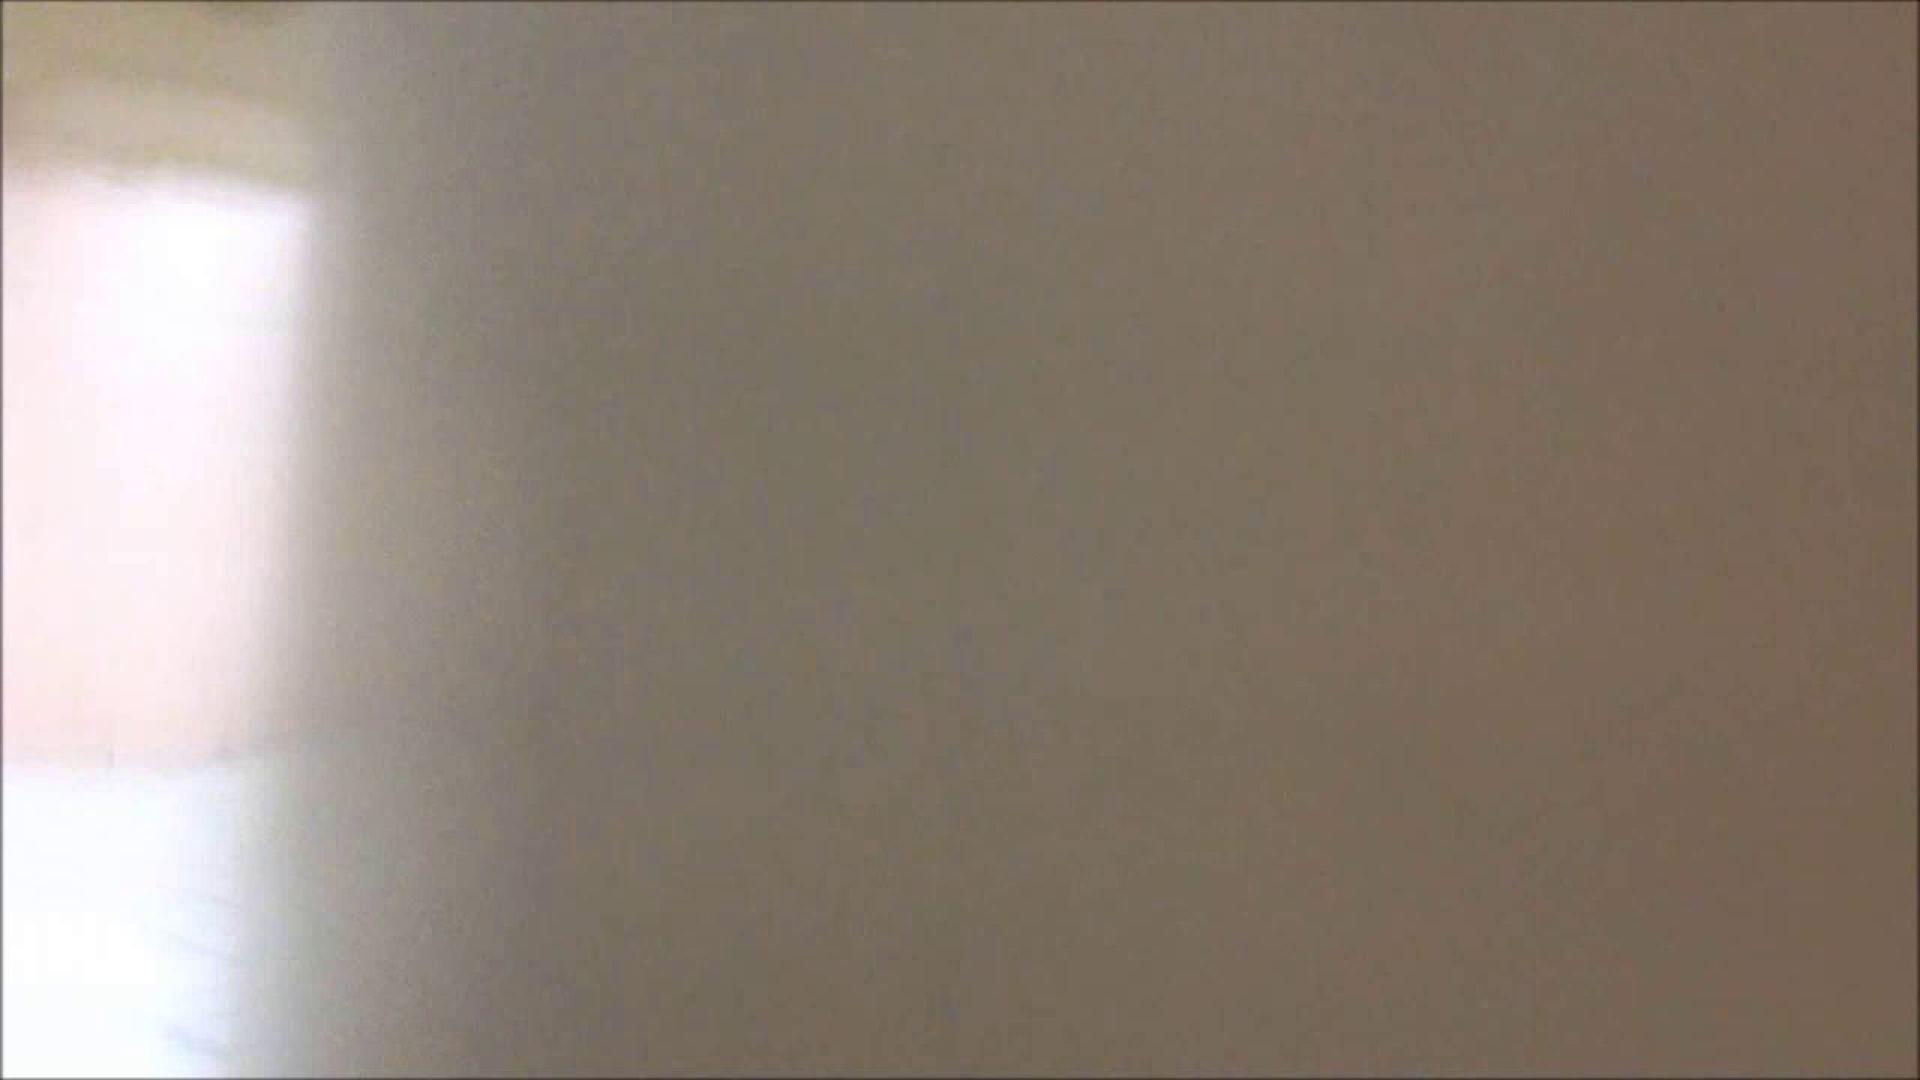 某有名大学女性洗面所 vol.10 お姉さんのSEX AV無料動画キャプチャ 101枚 5